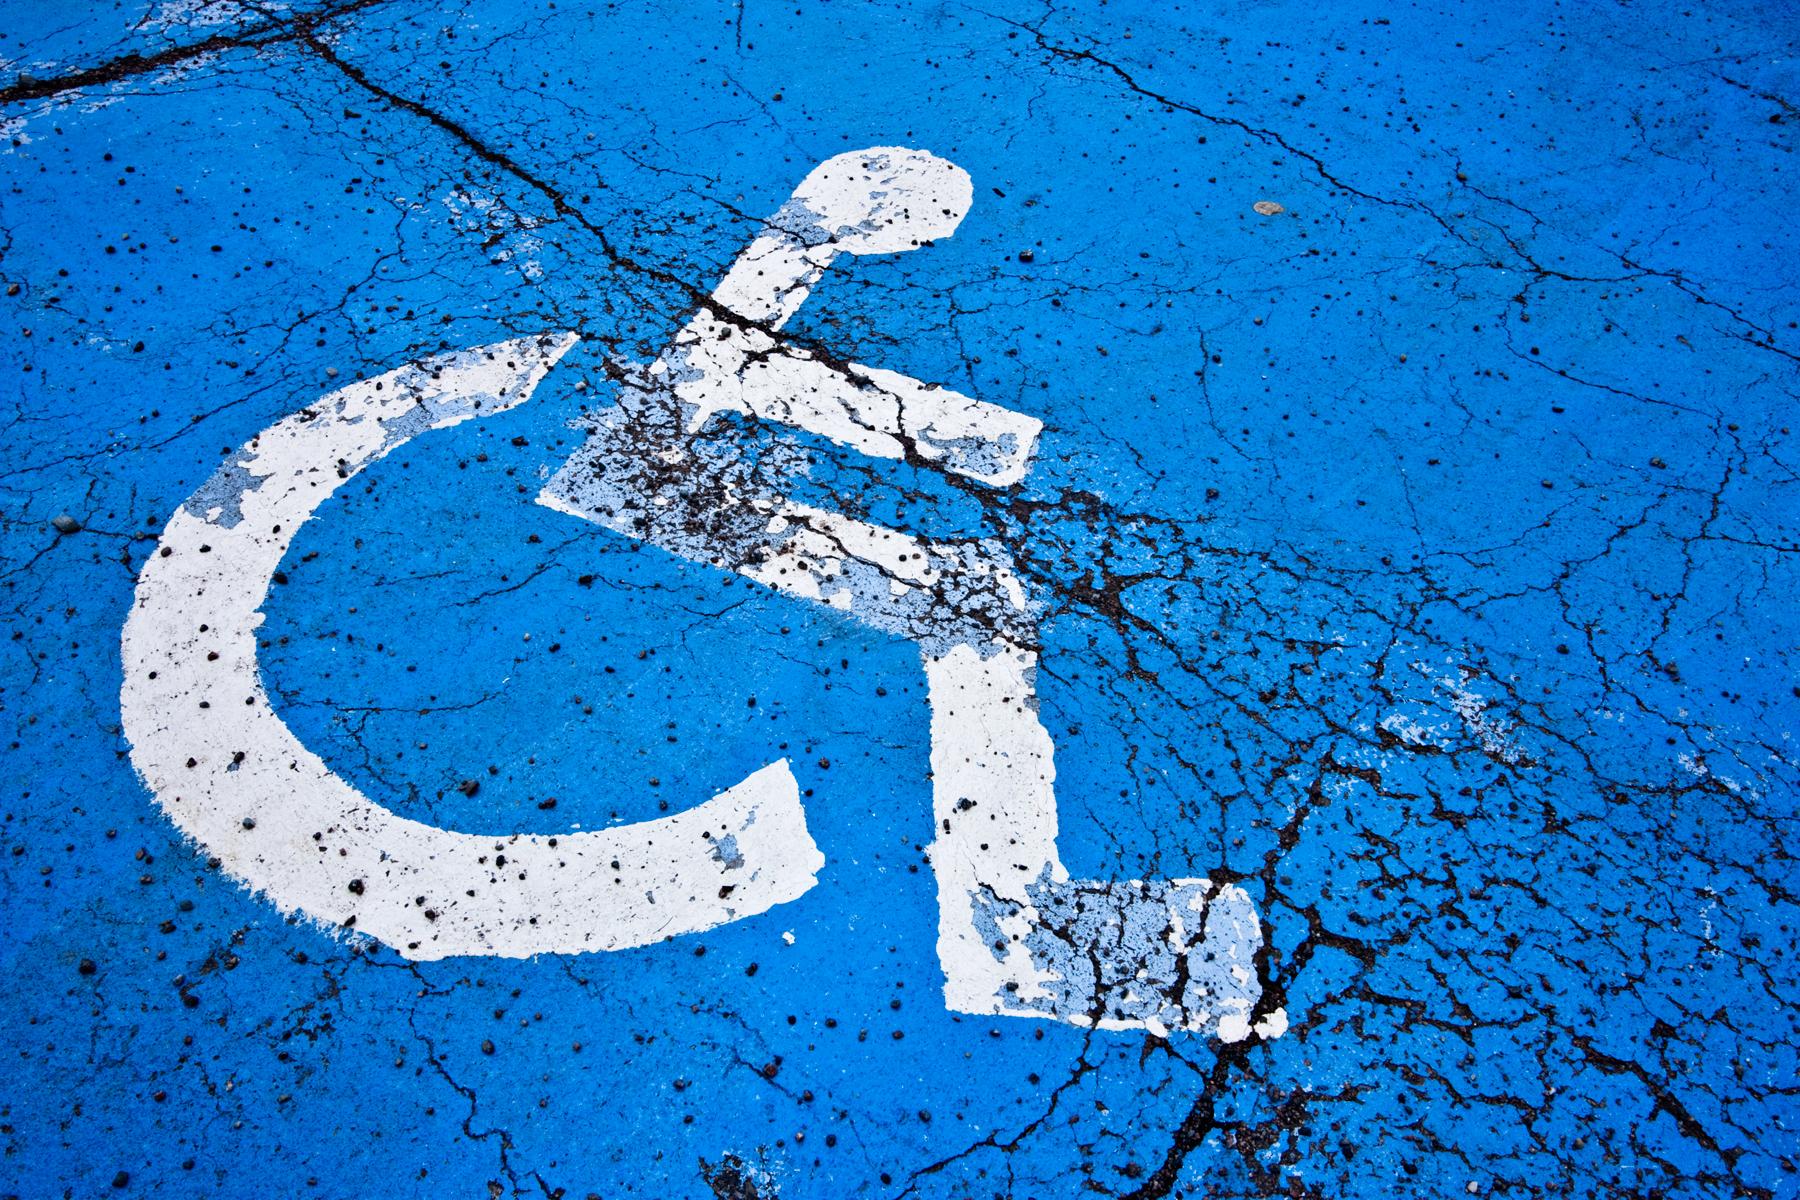 Cracked Handicap Sign, Asphalt, Space, Photograph, Pictogram, HQ Photo